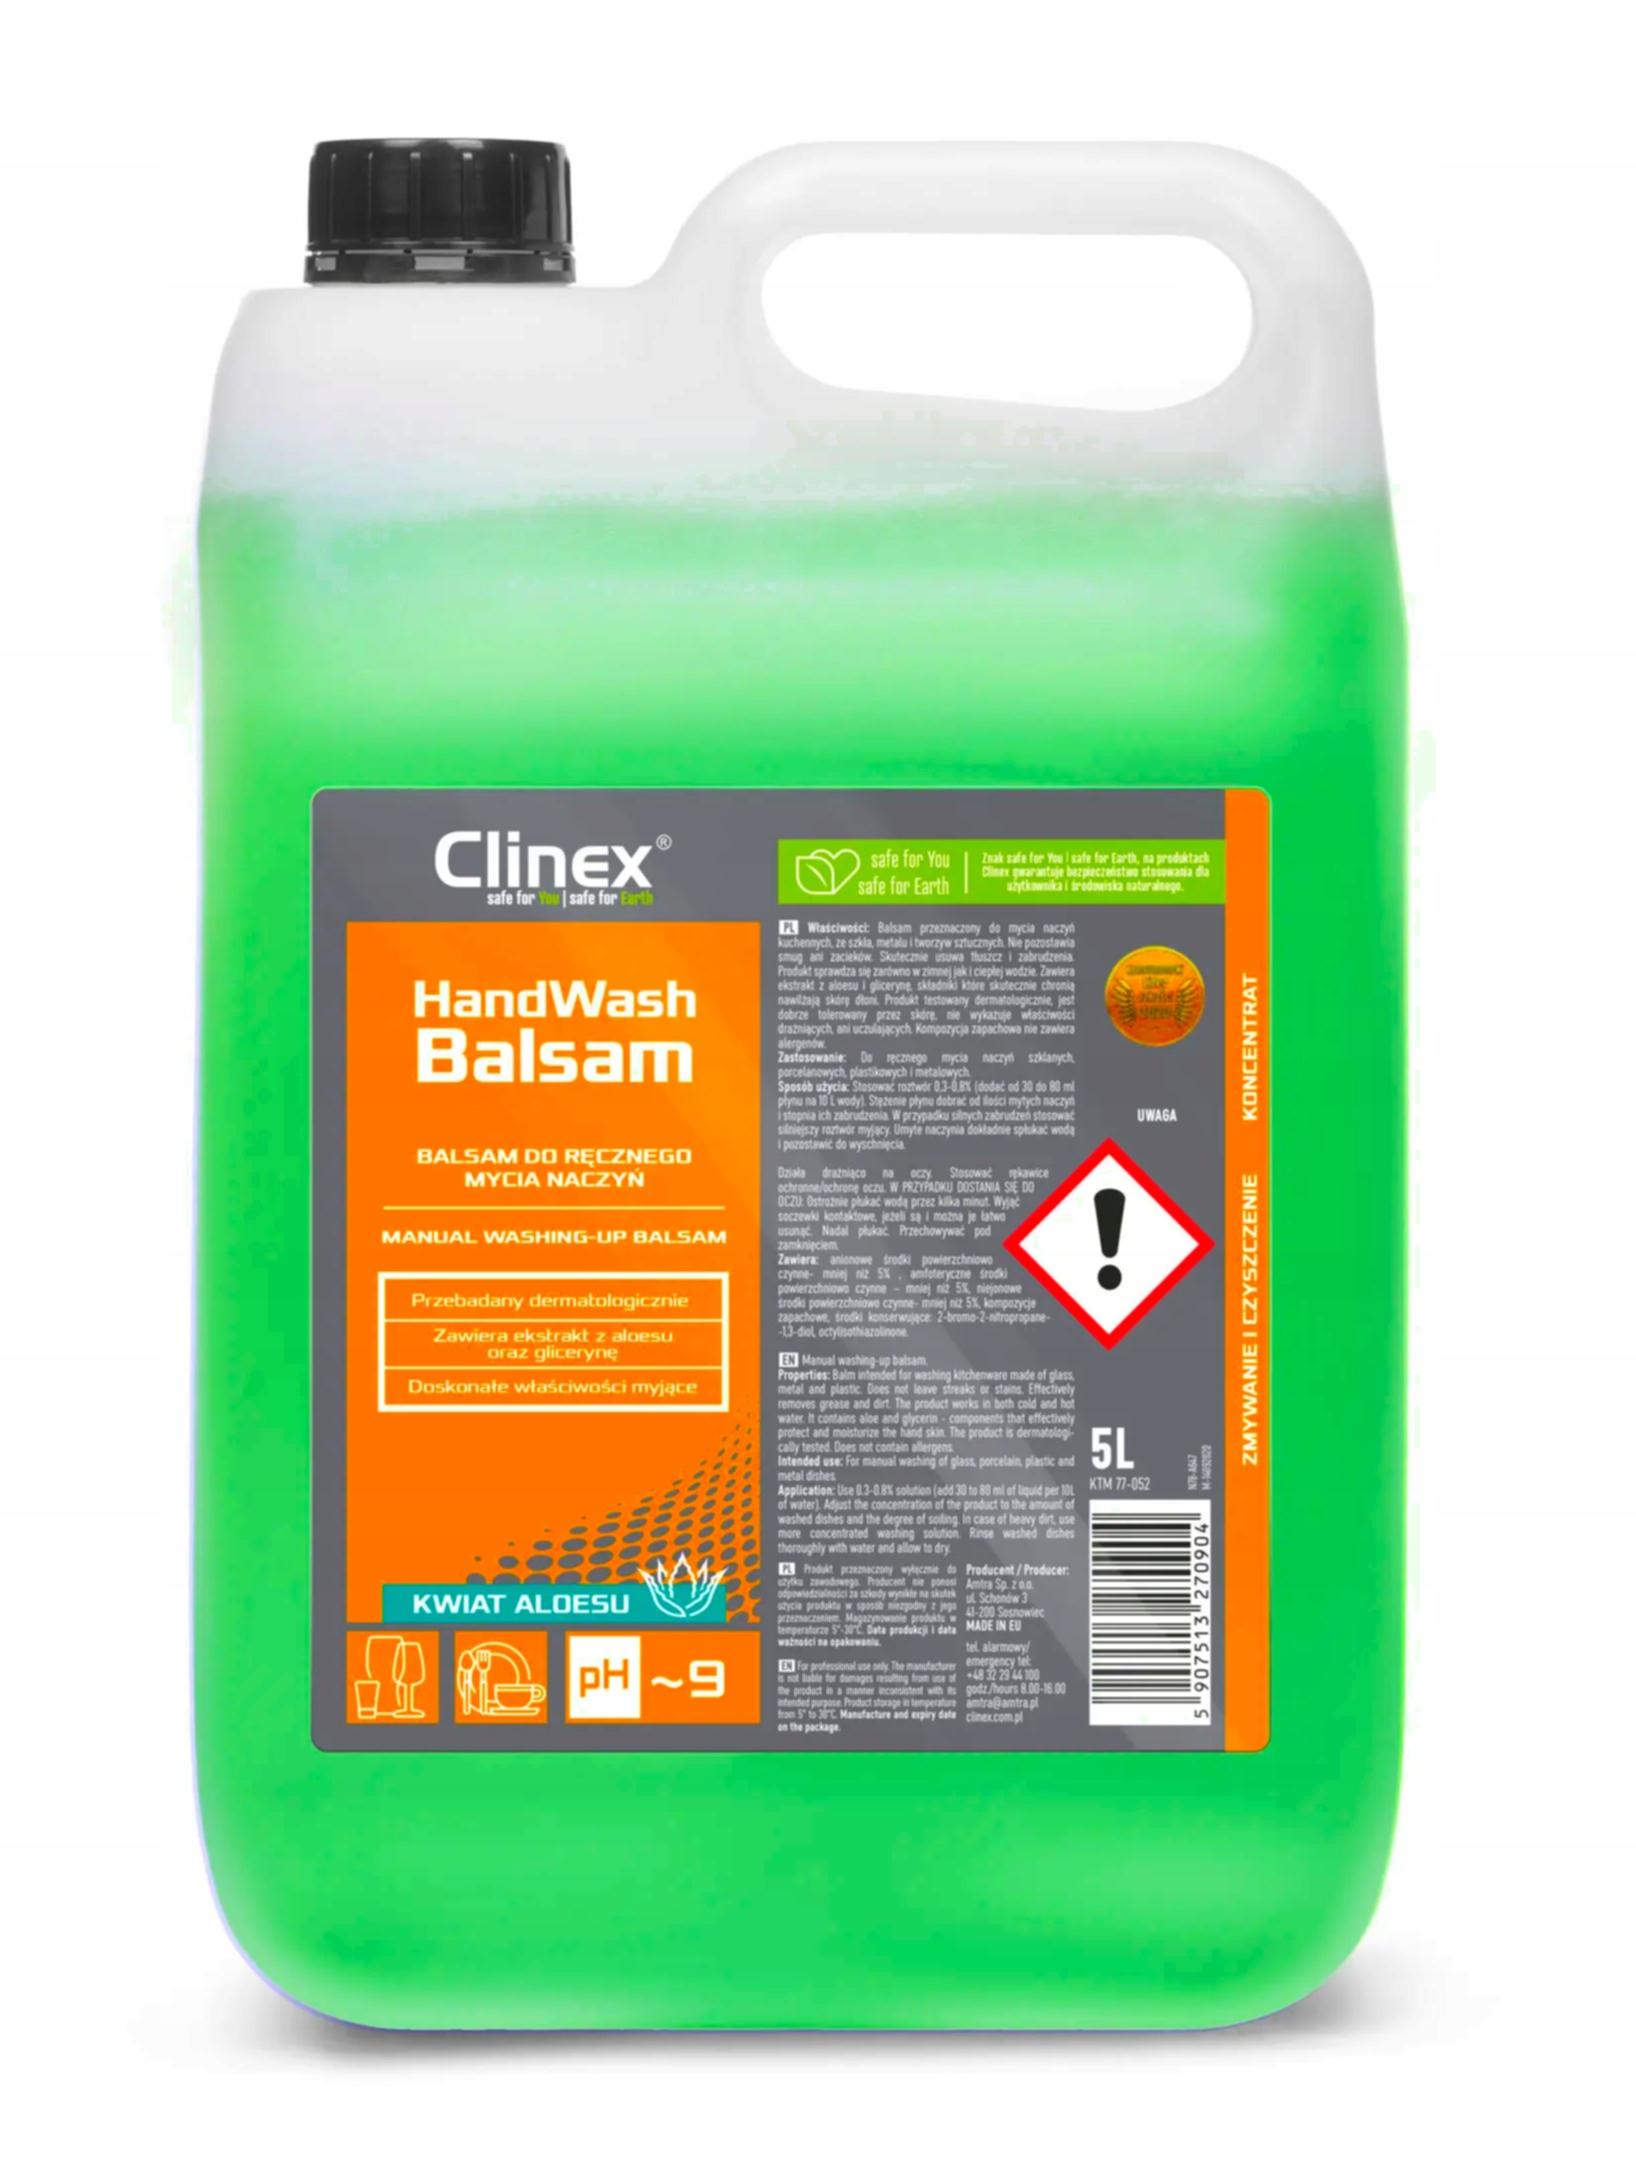 Clinex HandWash жидкий лосьон для мытья посуды 5л